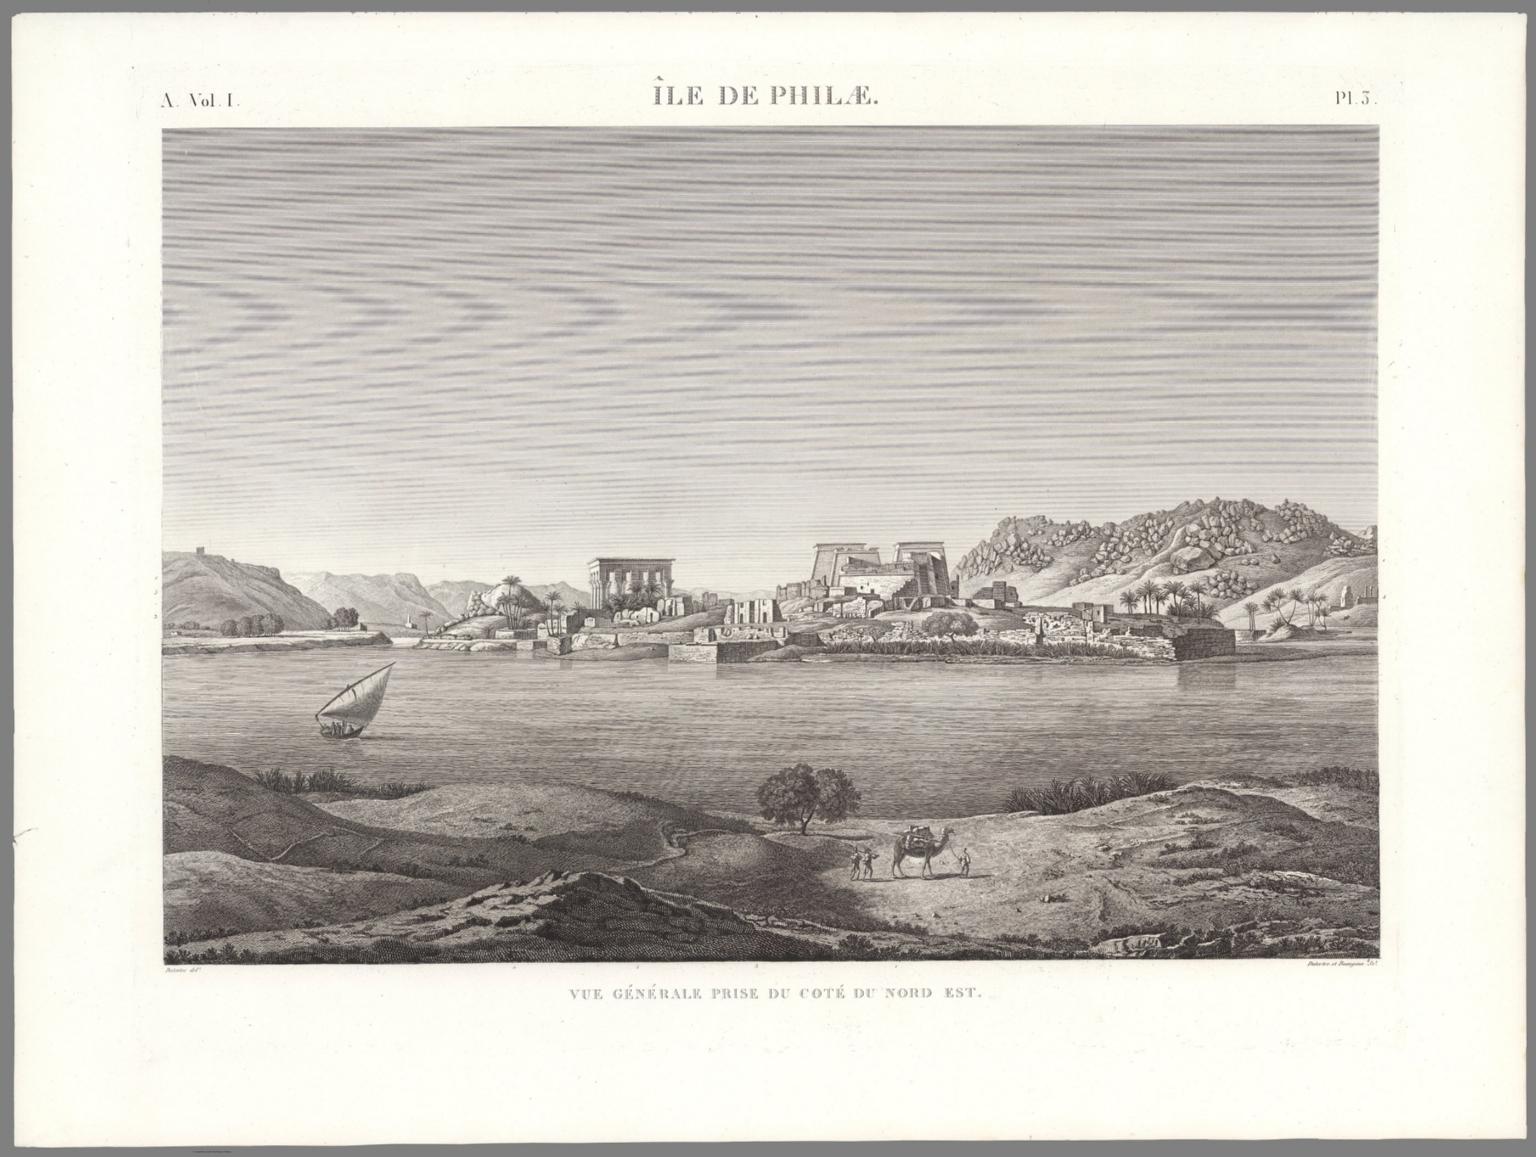 Planche 3, île de Philæ. Vue Générale Prise Du Coté Du Nord-Est.